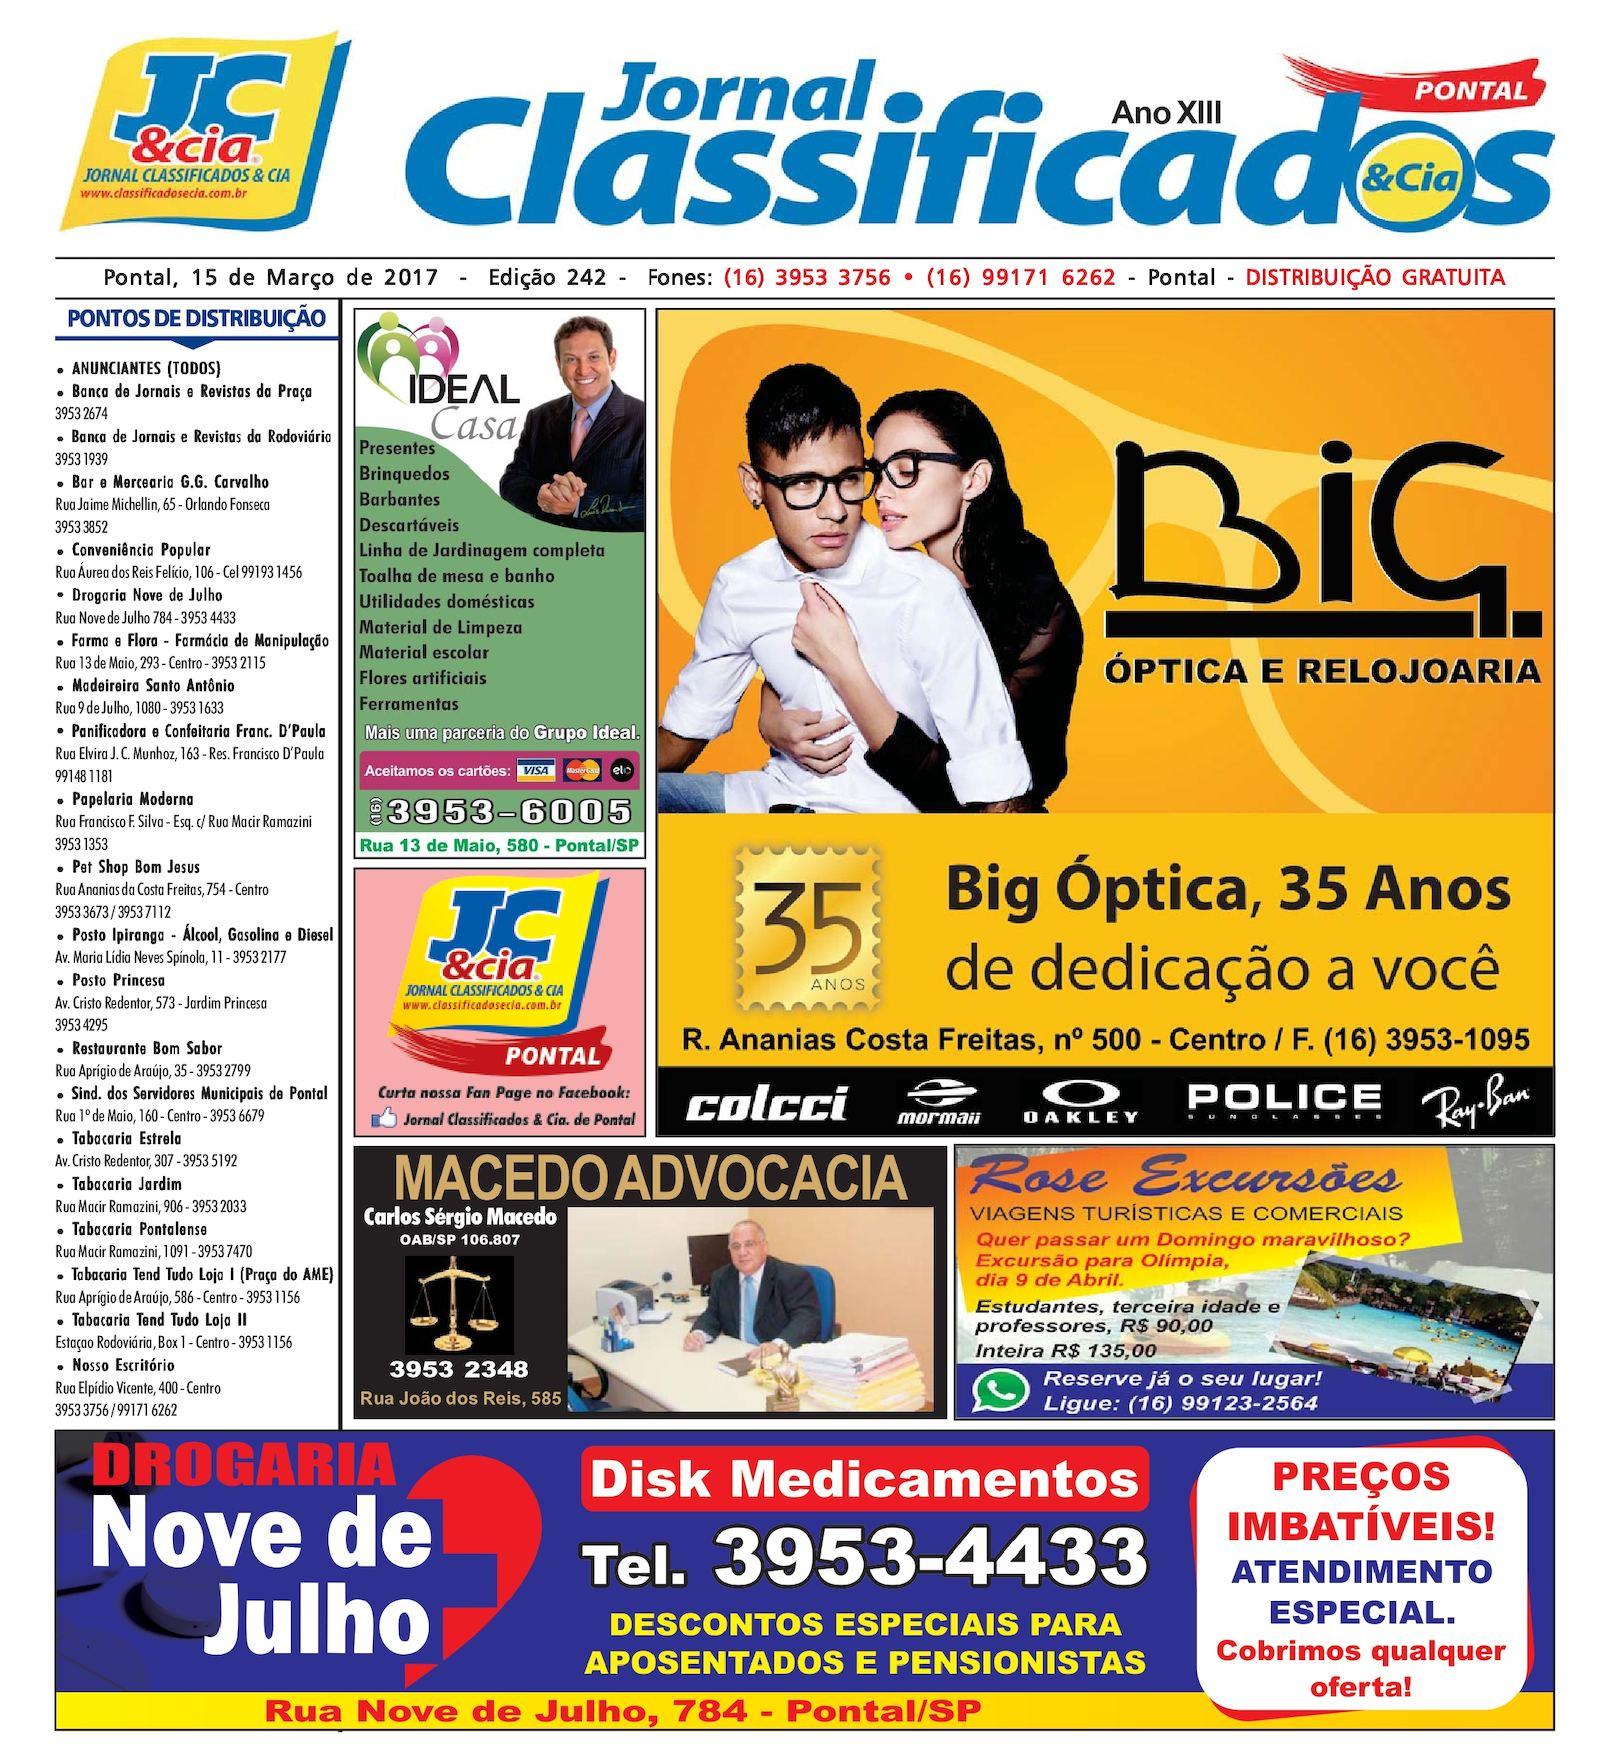 Calaméo - Pontal242